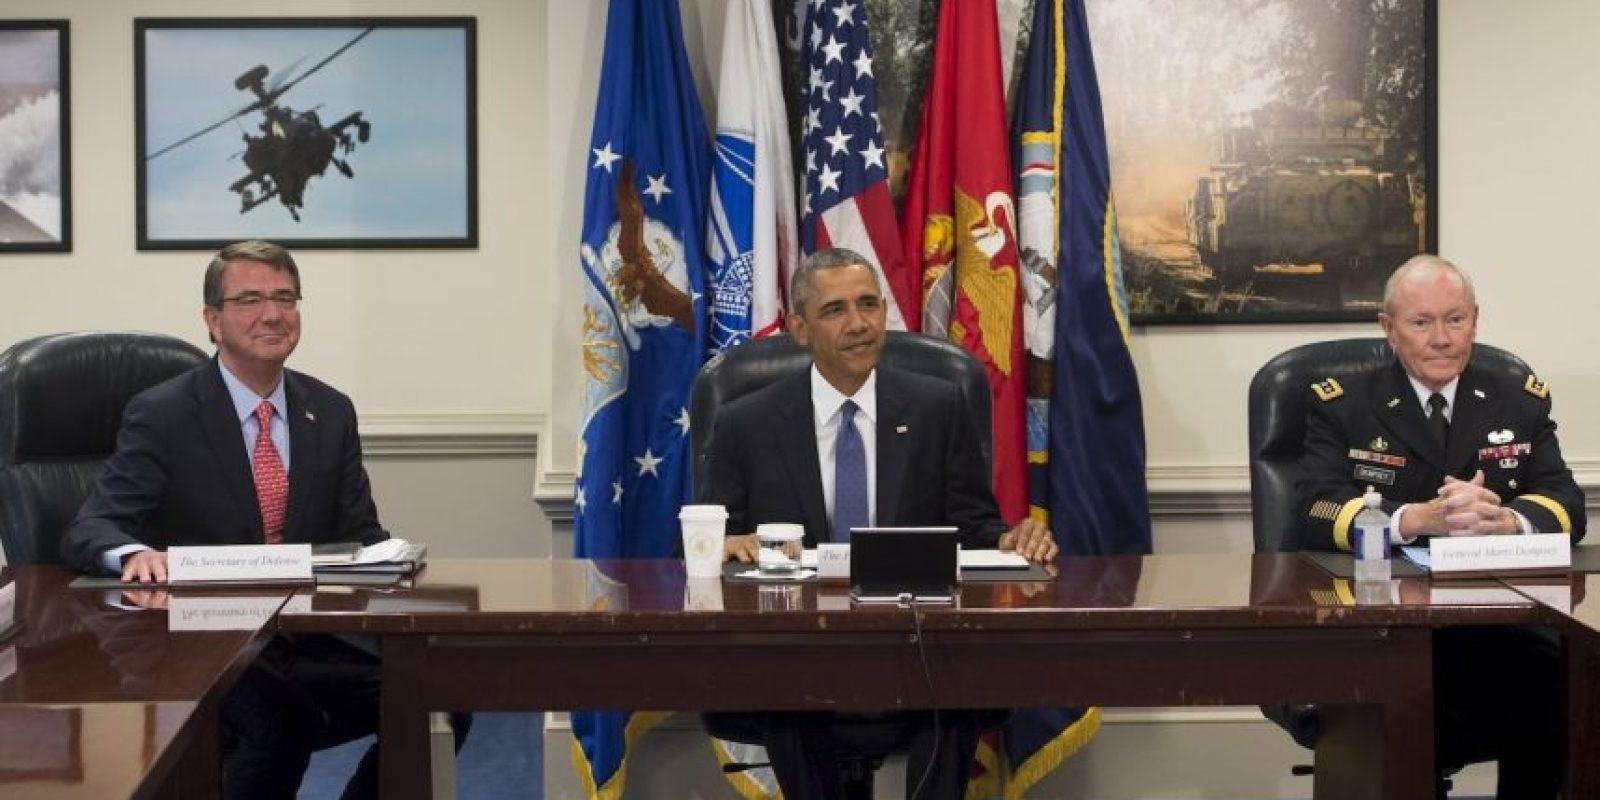 El presidente estadounidense Barack Obama se reunió con el Secretario de Defensa y otros altos funcionarios militares para una actualización sobre la campaña contra el grupo Estado Islámico. Foto:AFP